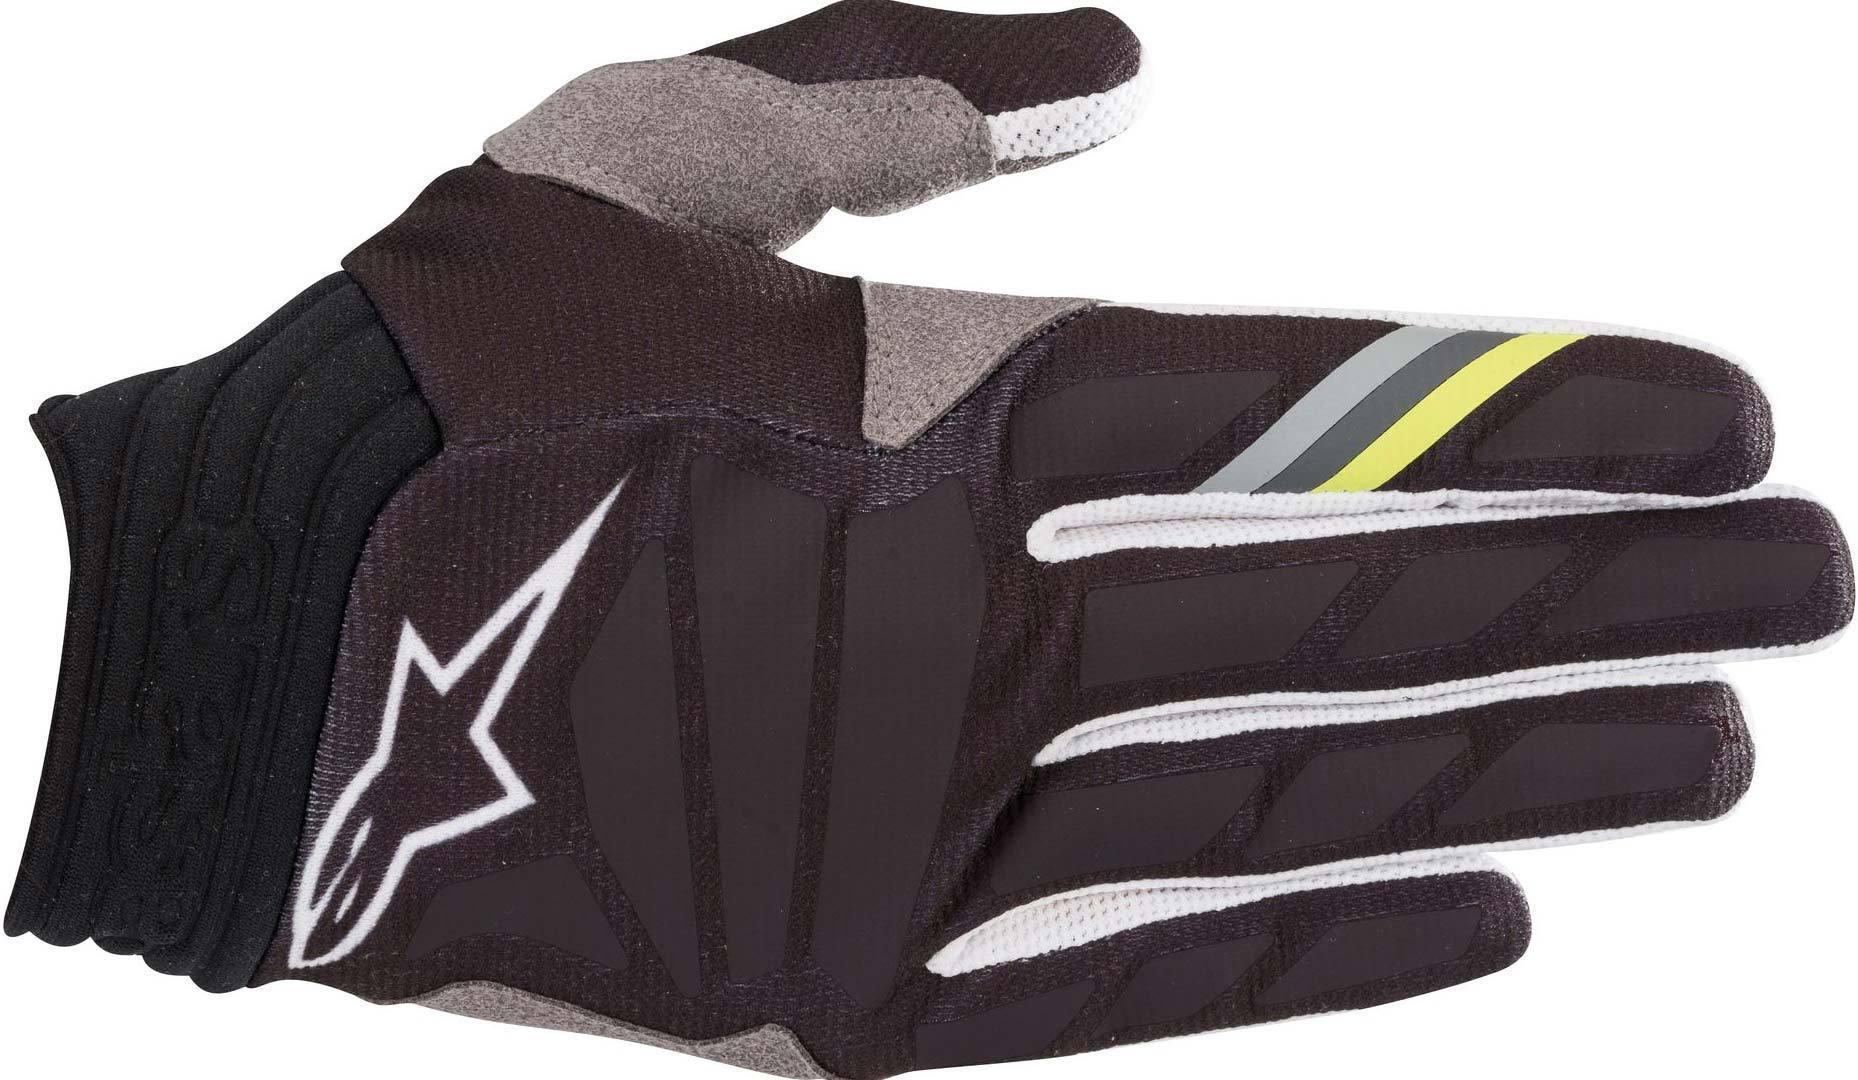 Alpinestars Aviator Motocross Gloves Black Grey M